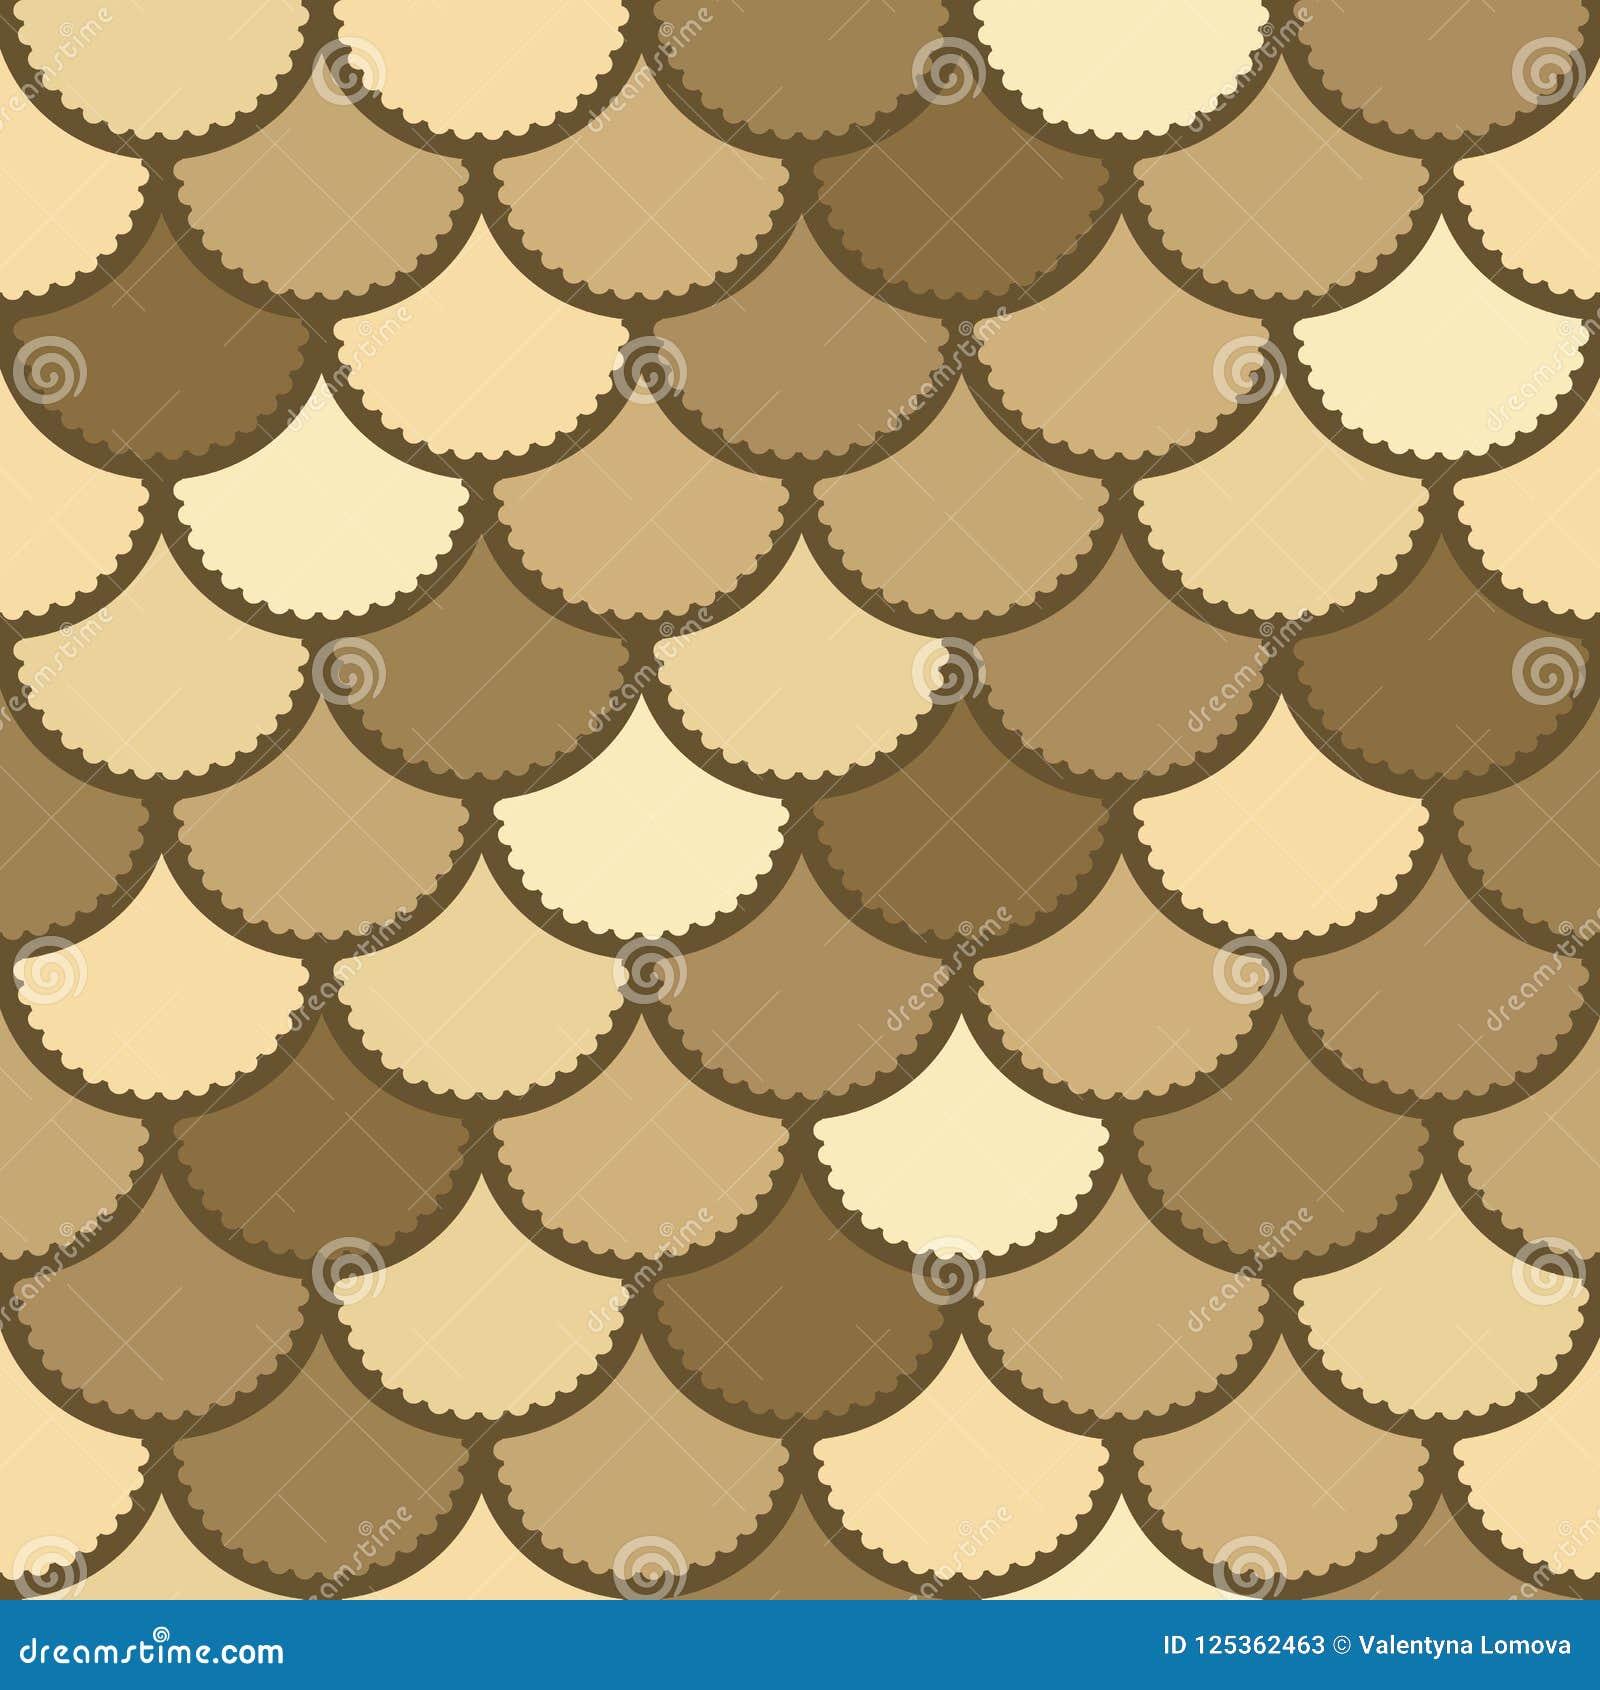 Naadloos vectormeerminpatroon als magische achtergrond van de vissenschaal voor textiel, affiches, groetkaarten, gevallen enz.